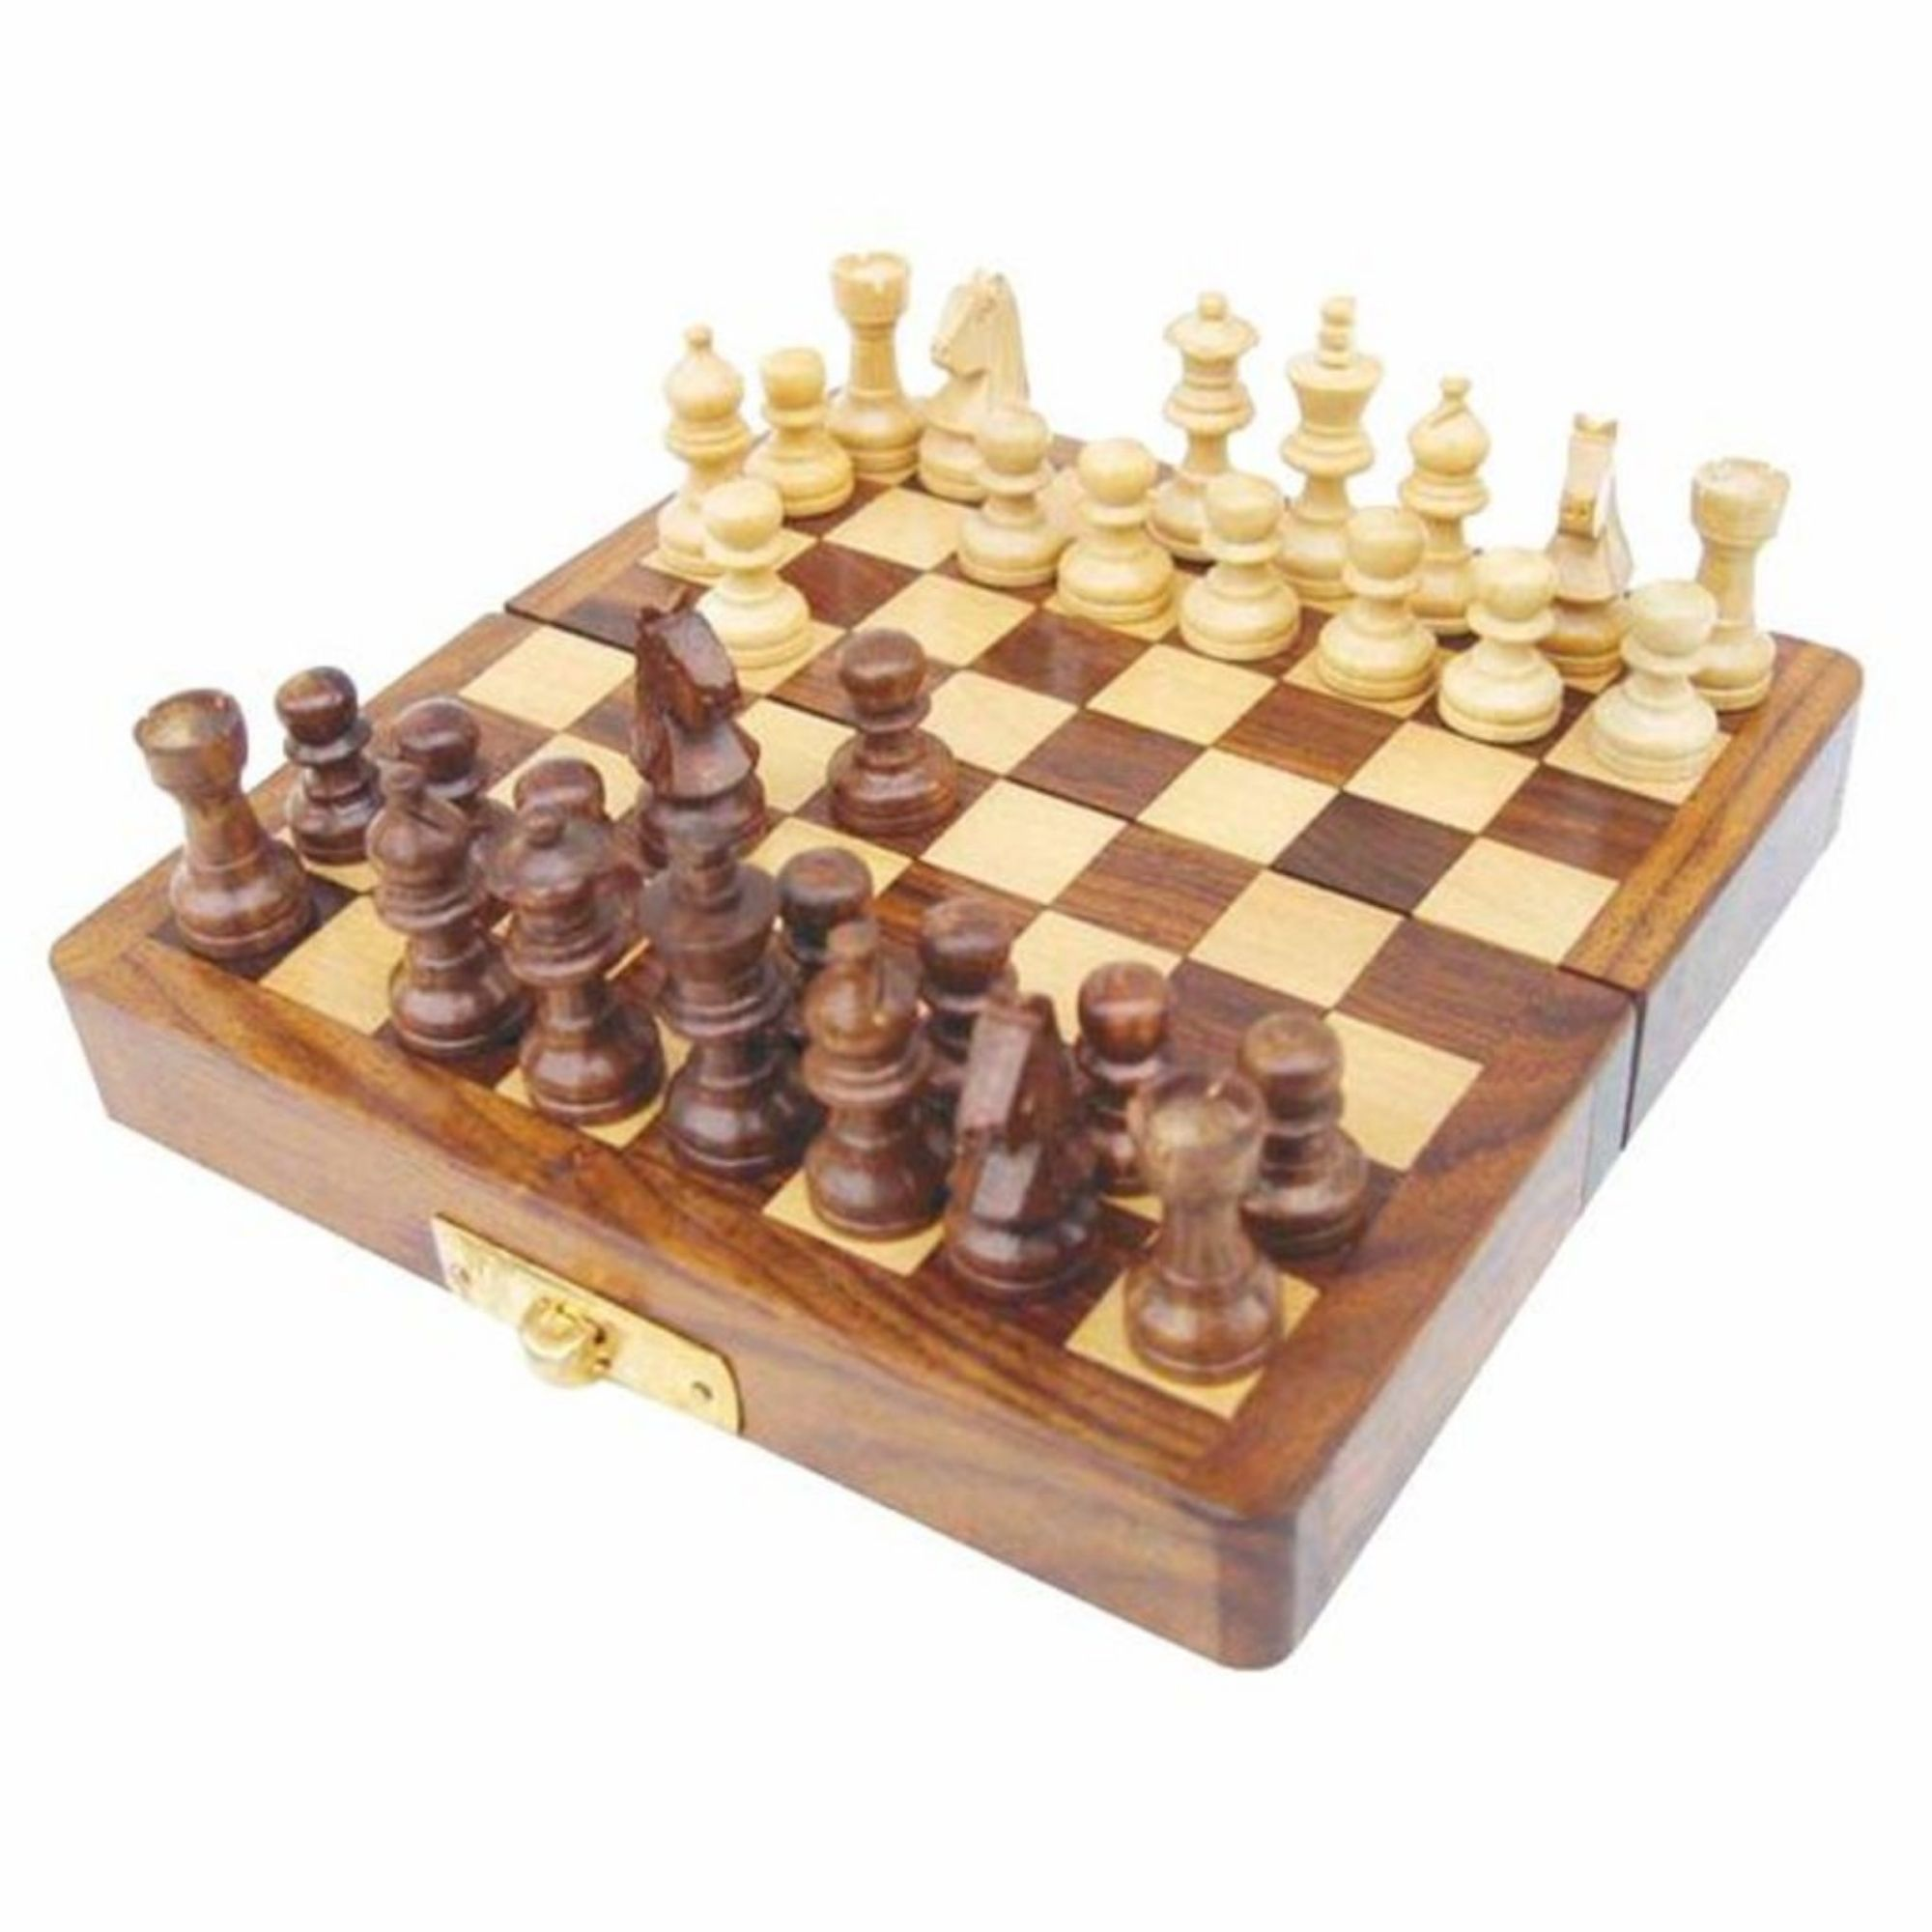 Reiseschachspiel aus Holz mit Gravur